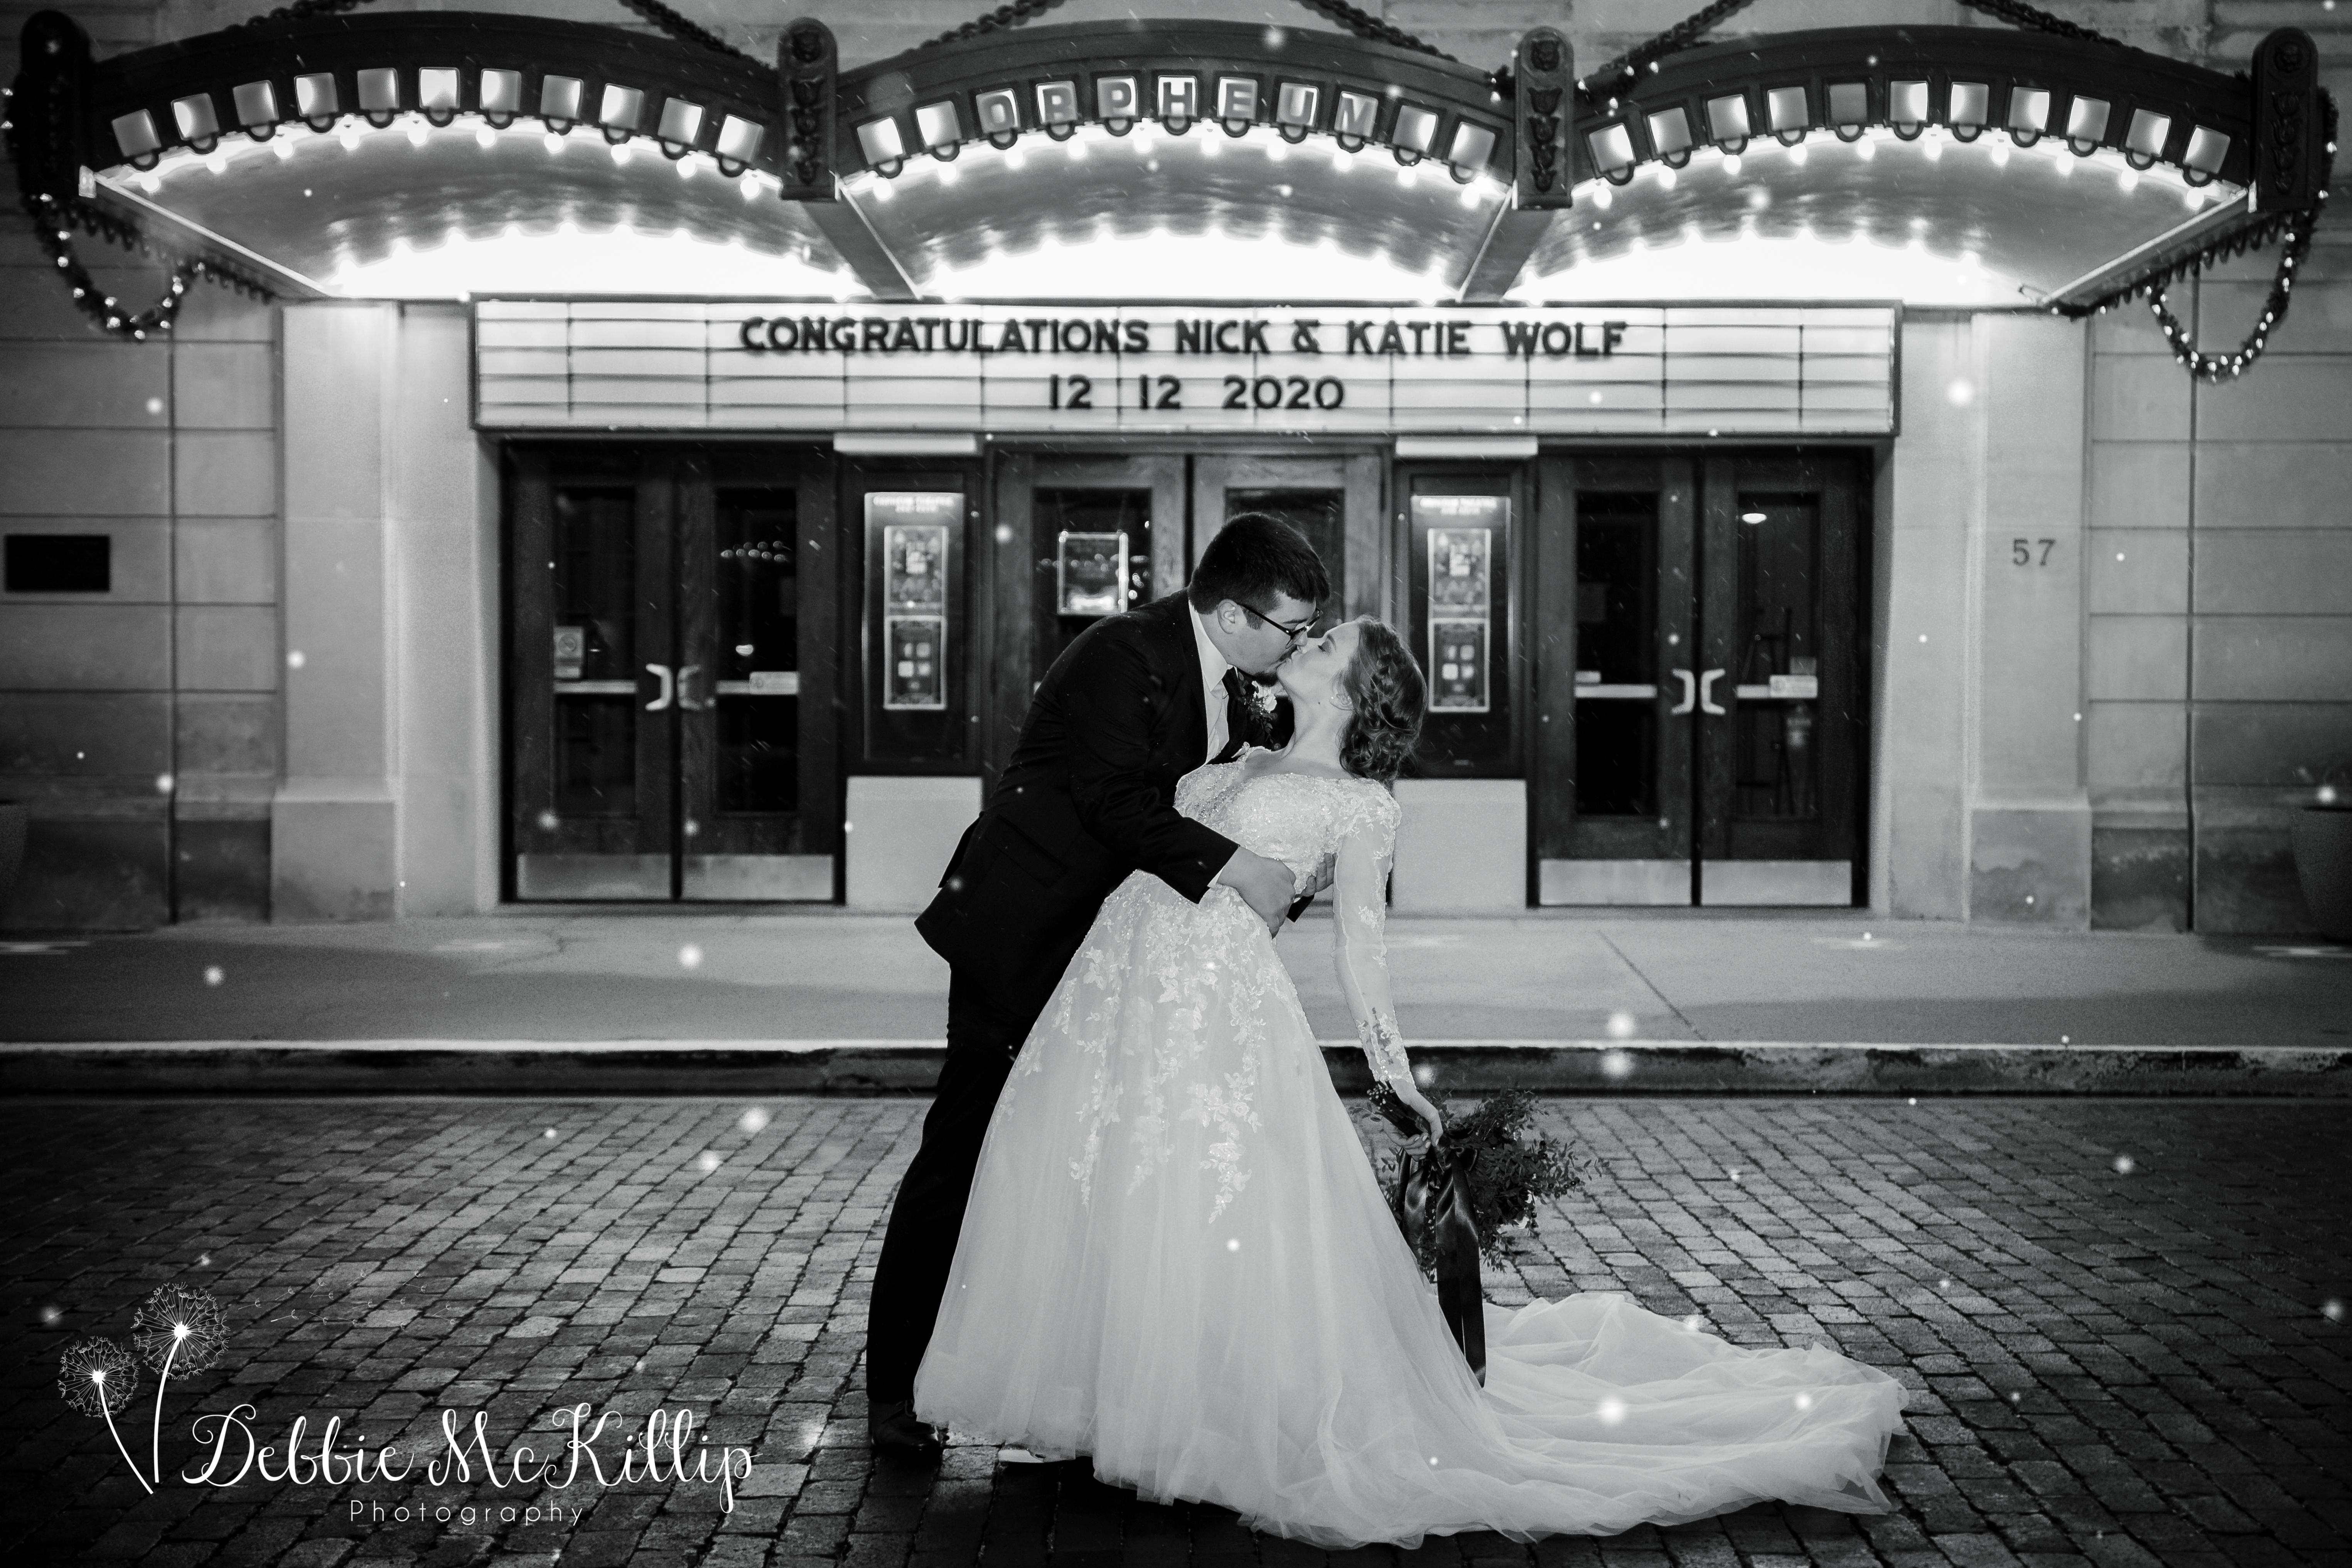 Nick & Katie Wolf 2020